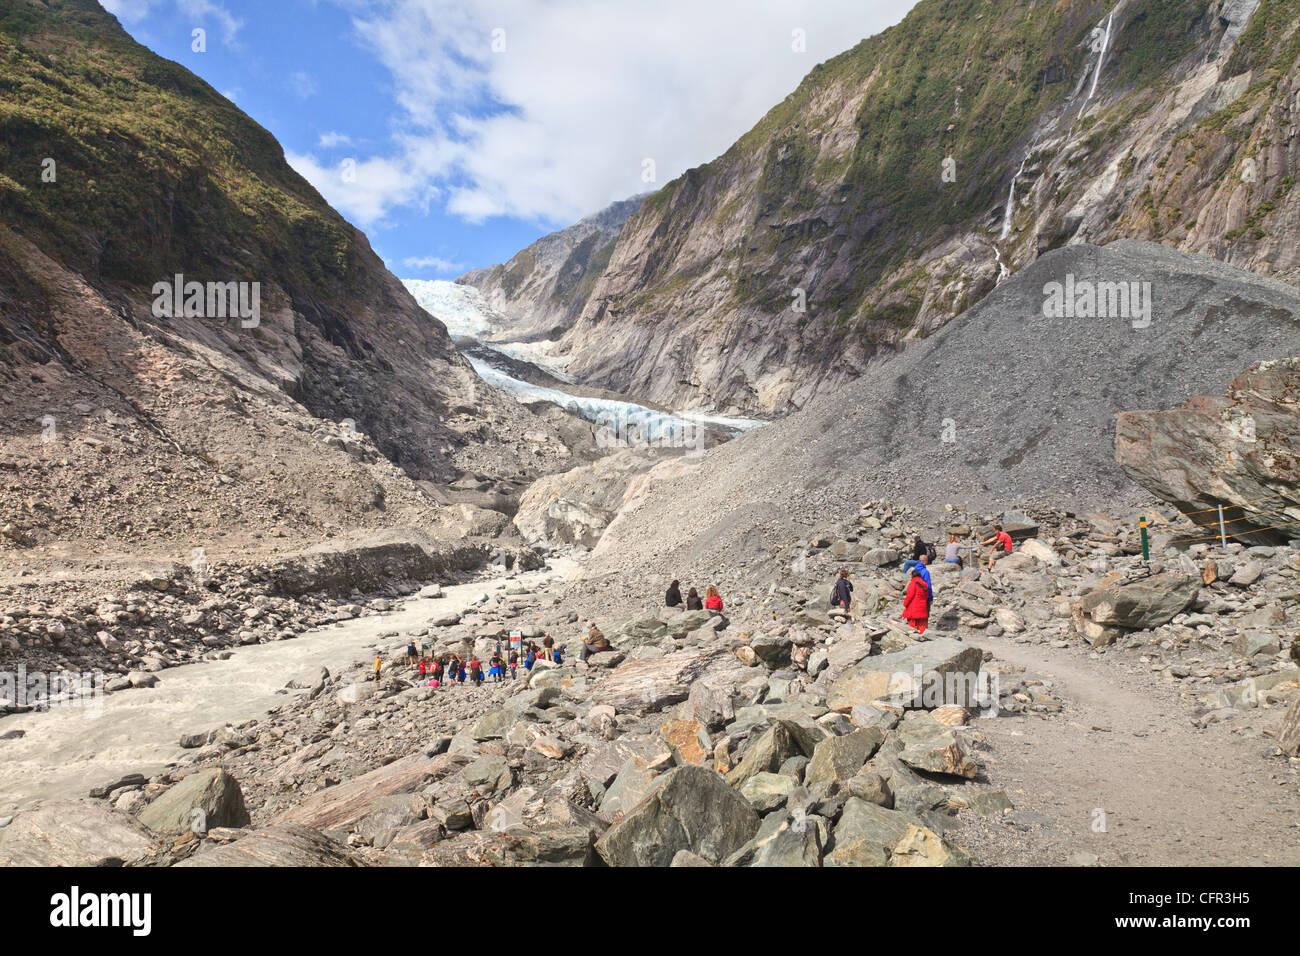 Touristen in der Nähe der Terminals von Franz Josef Glacier, West Coast, Neuseeland Stockfoto